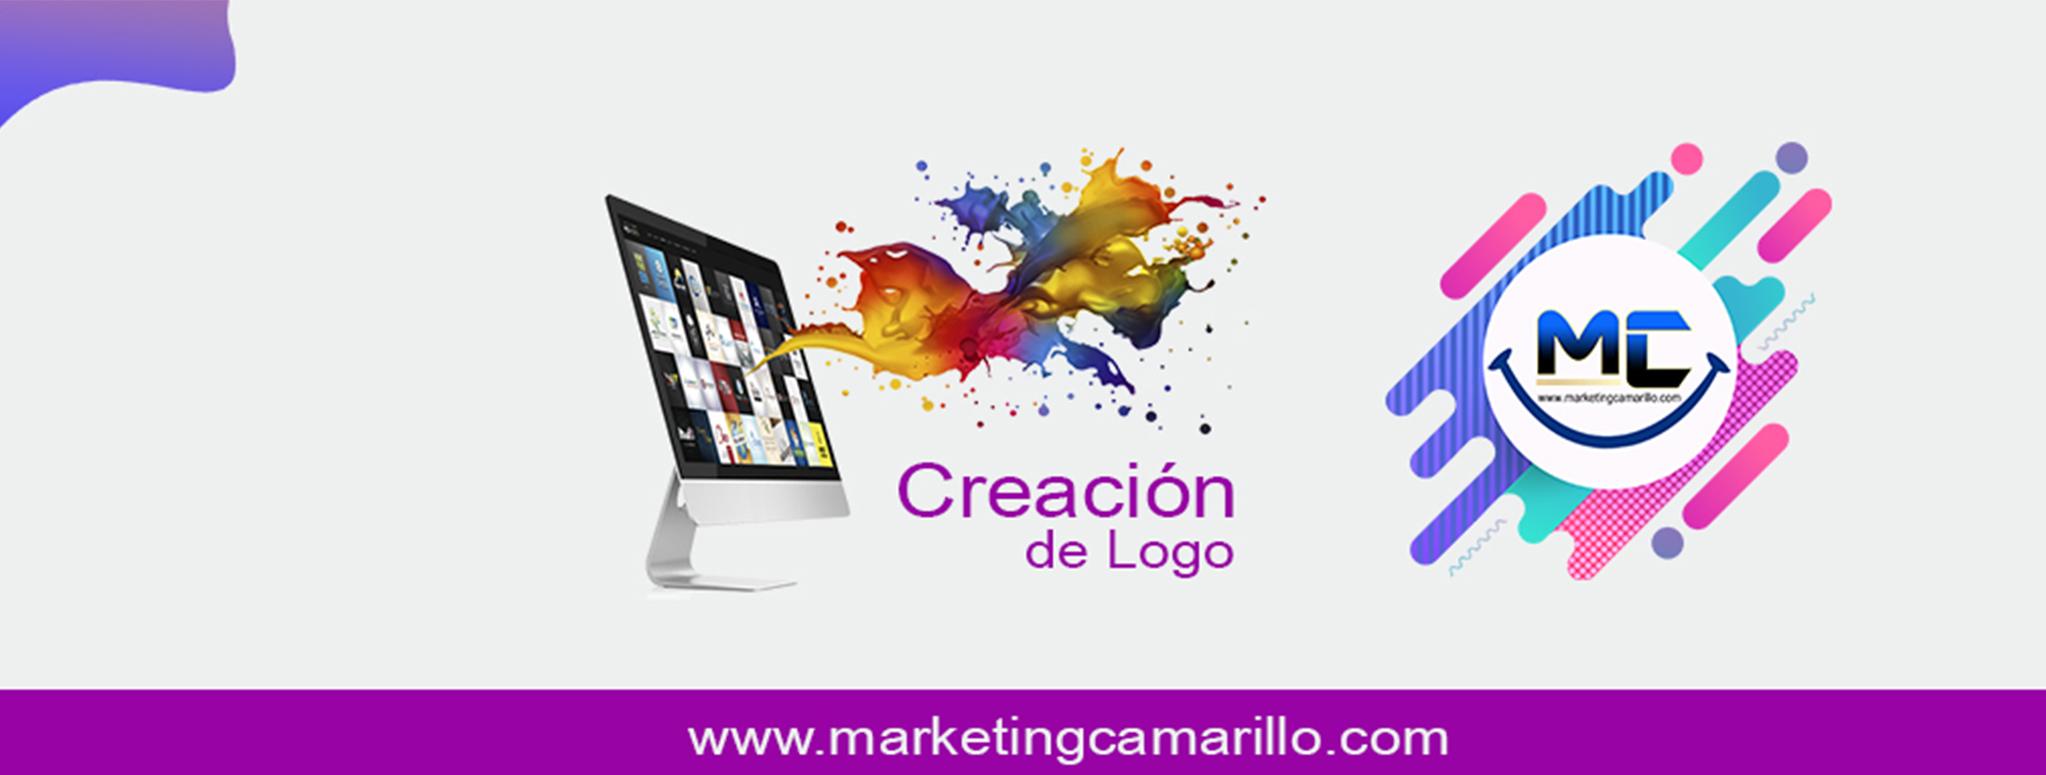 AGENCIA DE MARKETING-CAMARILLO-CREACION-DE-LOGOS-1024x388 2021